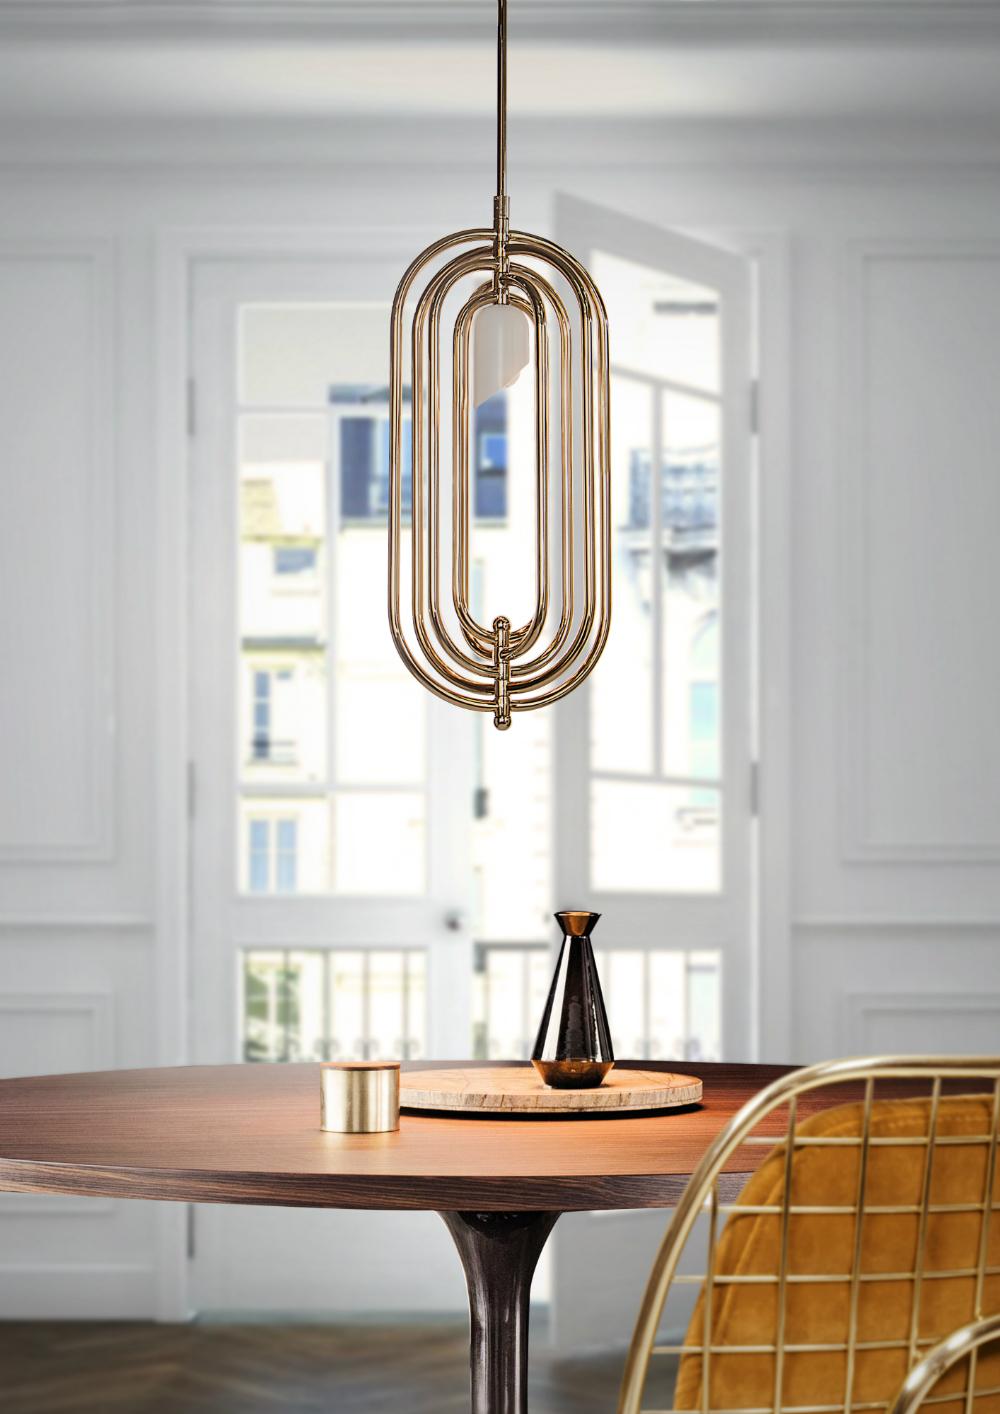 What's Hot on Pinterest- 5 Inspiring Modern Home Decor Ideas! modern home decor ideas What's Hot on Pinterest: 5 Inspiring Modern Home Decor Ideas! Whats Hot on Pinterest 5 Inspiring Modern Home Decor Ideas 3